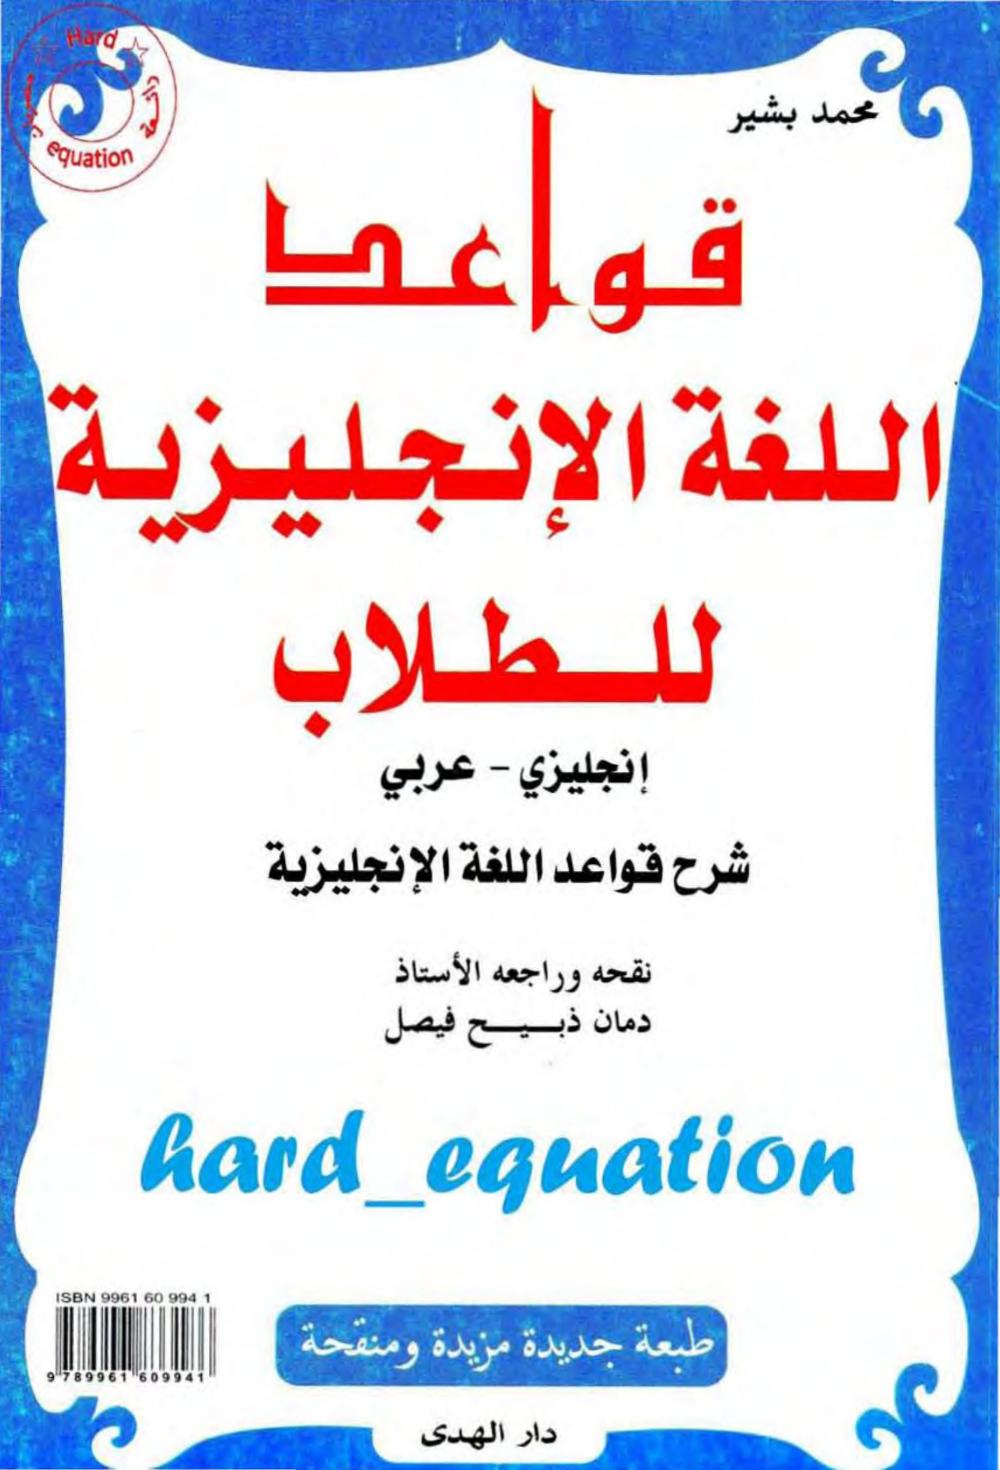 قواعد اللغة الإنجليزية للطلاب محمد بشير Aghiras Free Download Borrow And Streaming Internet Archive English Grammar Book Pdf English Grammar Book Grammar Book